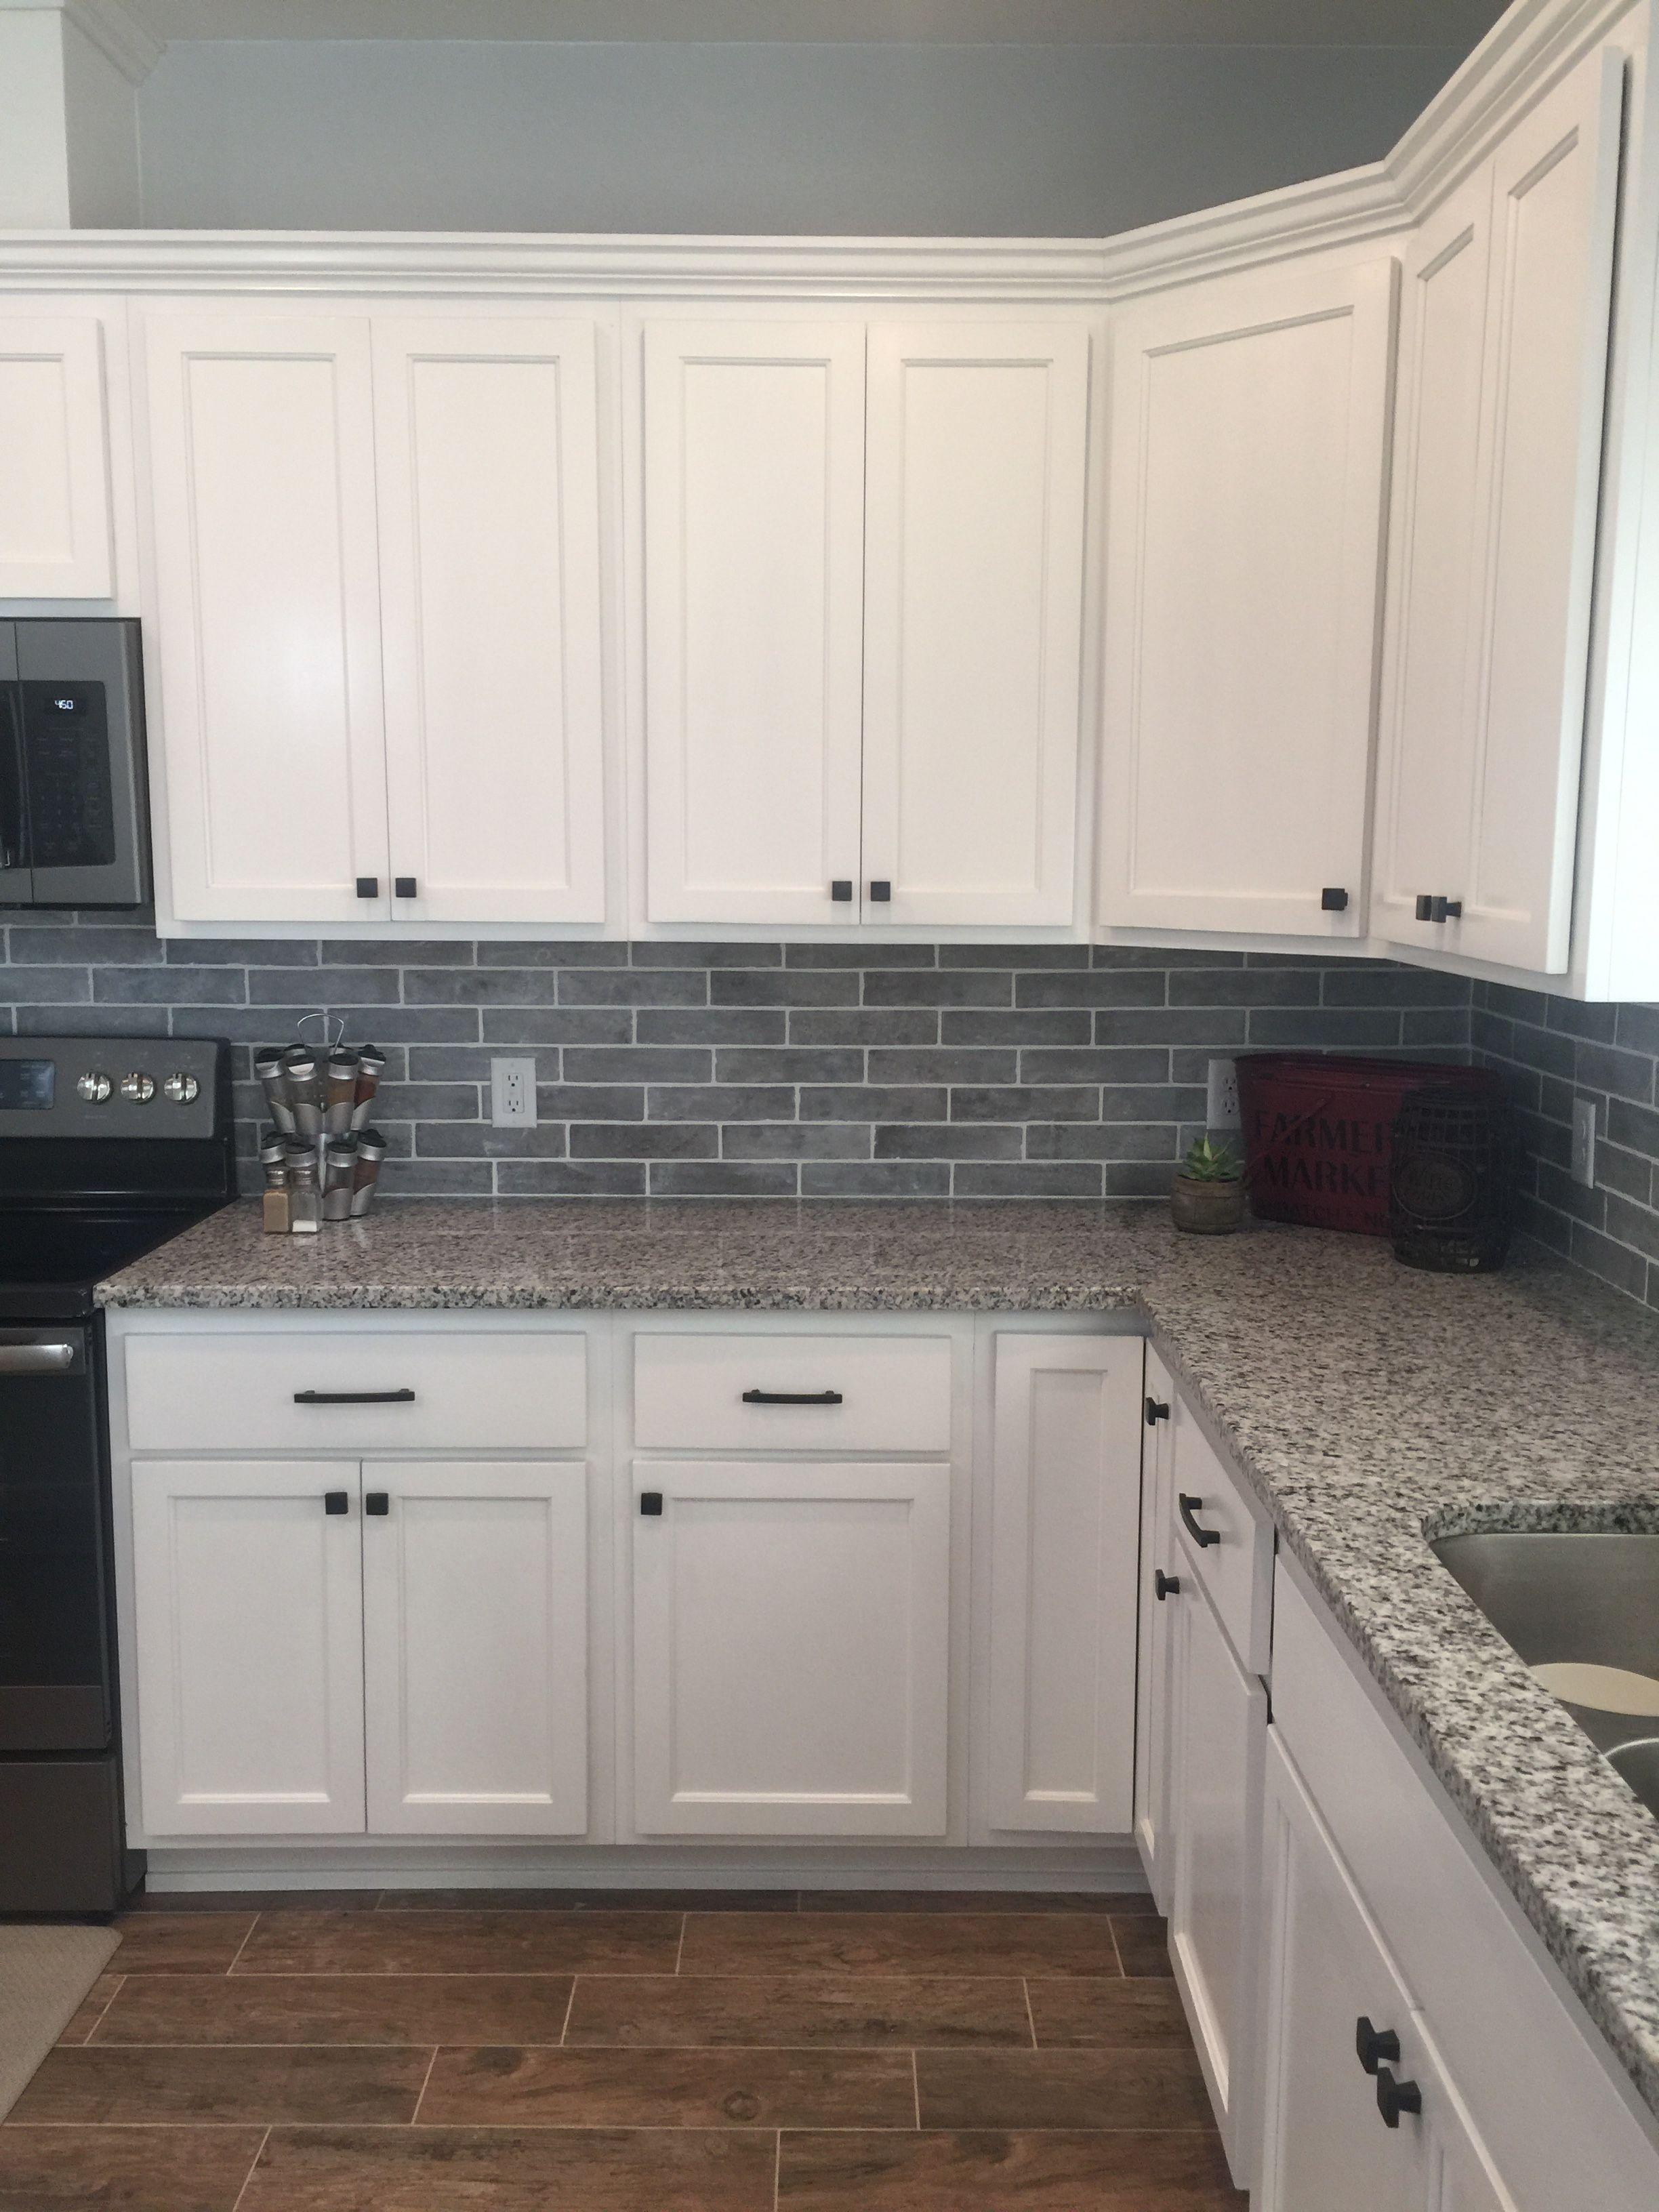 White And Gray Kitchen Kitchen Remodel Kitchen Backsplash Designs Kitchen Renovation